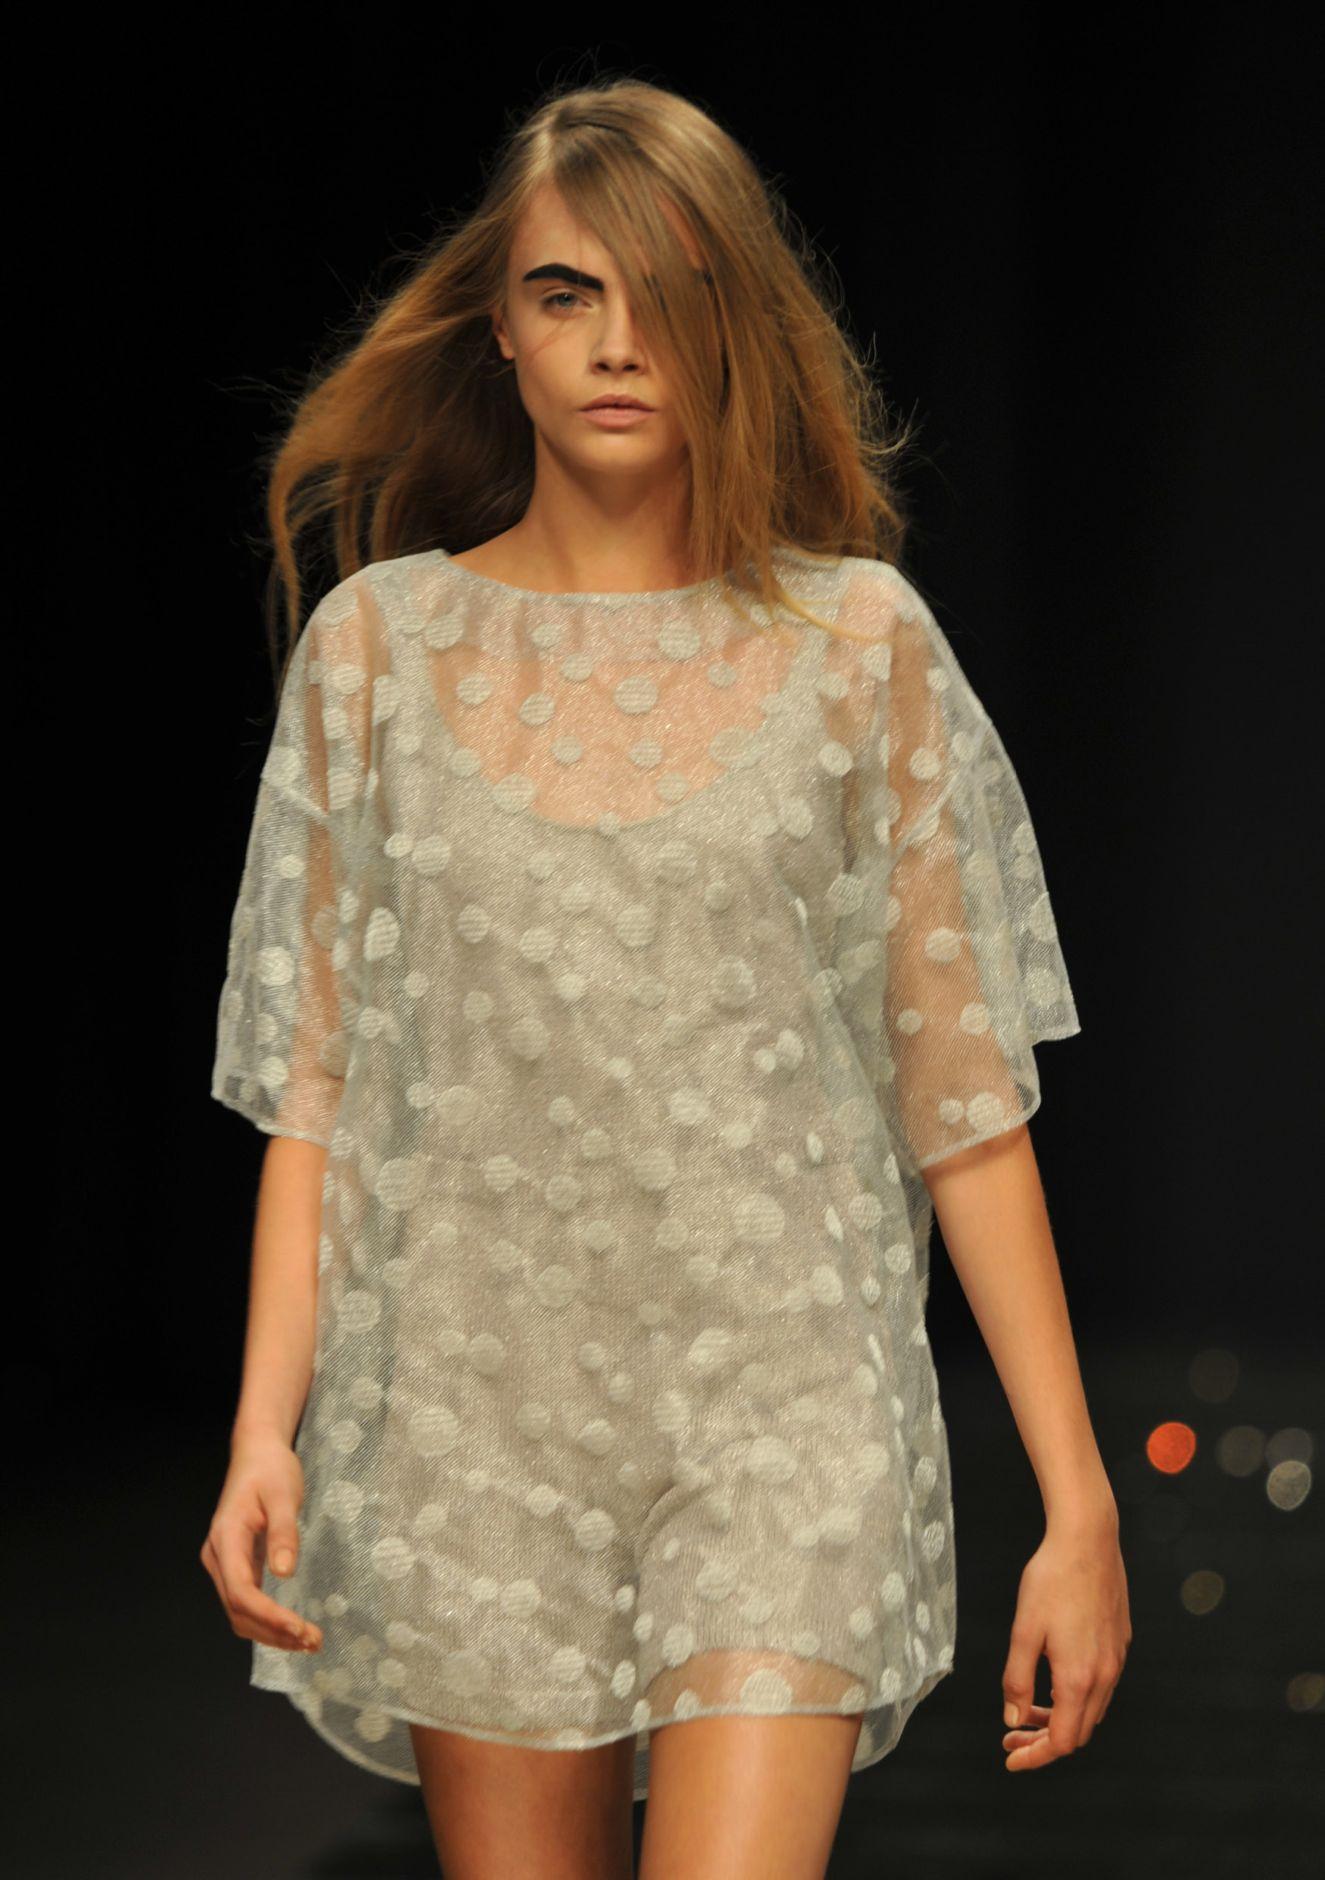 Anteprima Women's Collection 2013 Milan Fashion Week